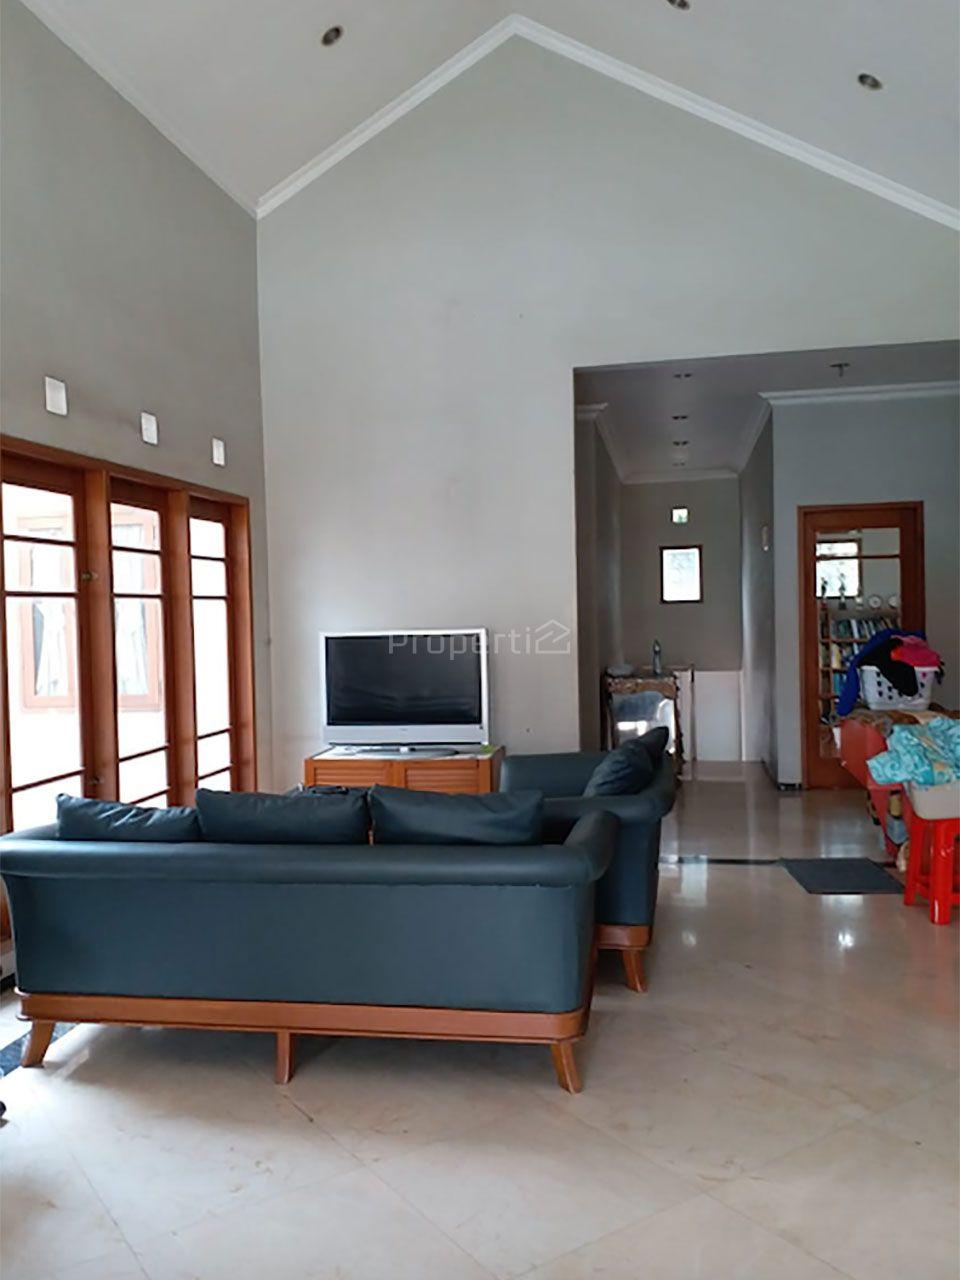 Modern House with Swimming Pool in Serpong, Kota Tangerang Selatan